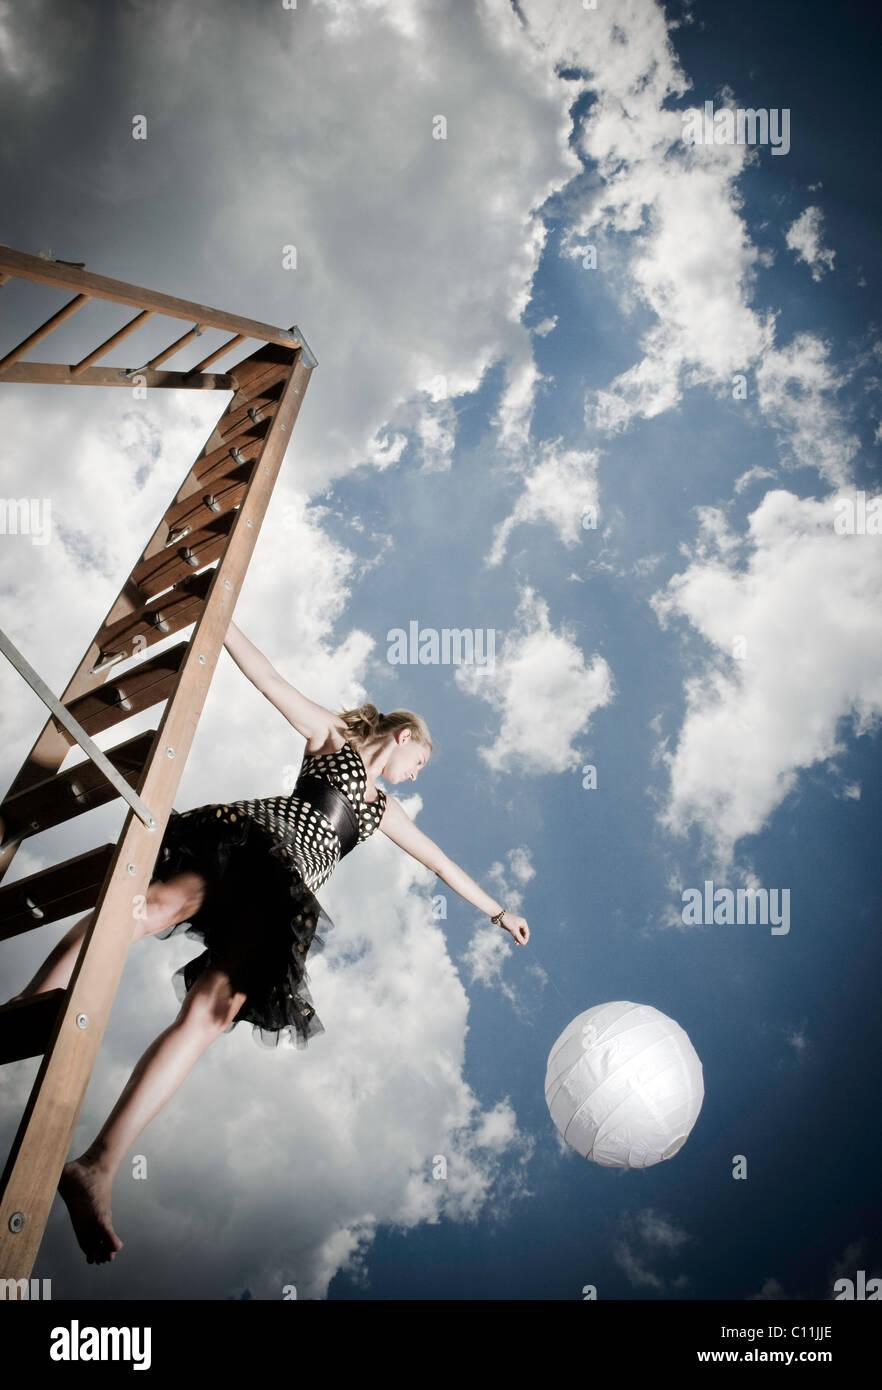 Una adolescente que llevaba una polca en blanco y negro vestido de puntos se encuentra en una escalera sujetando Imagen De Stock